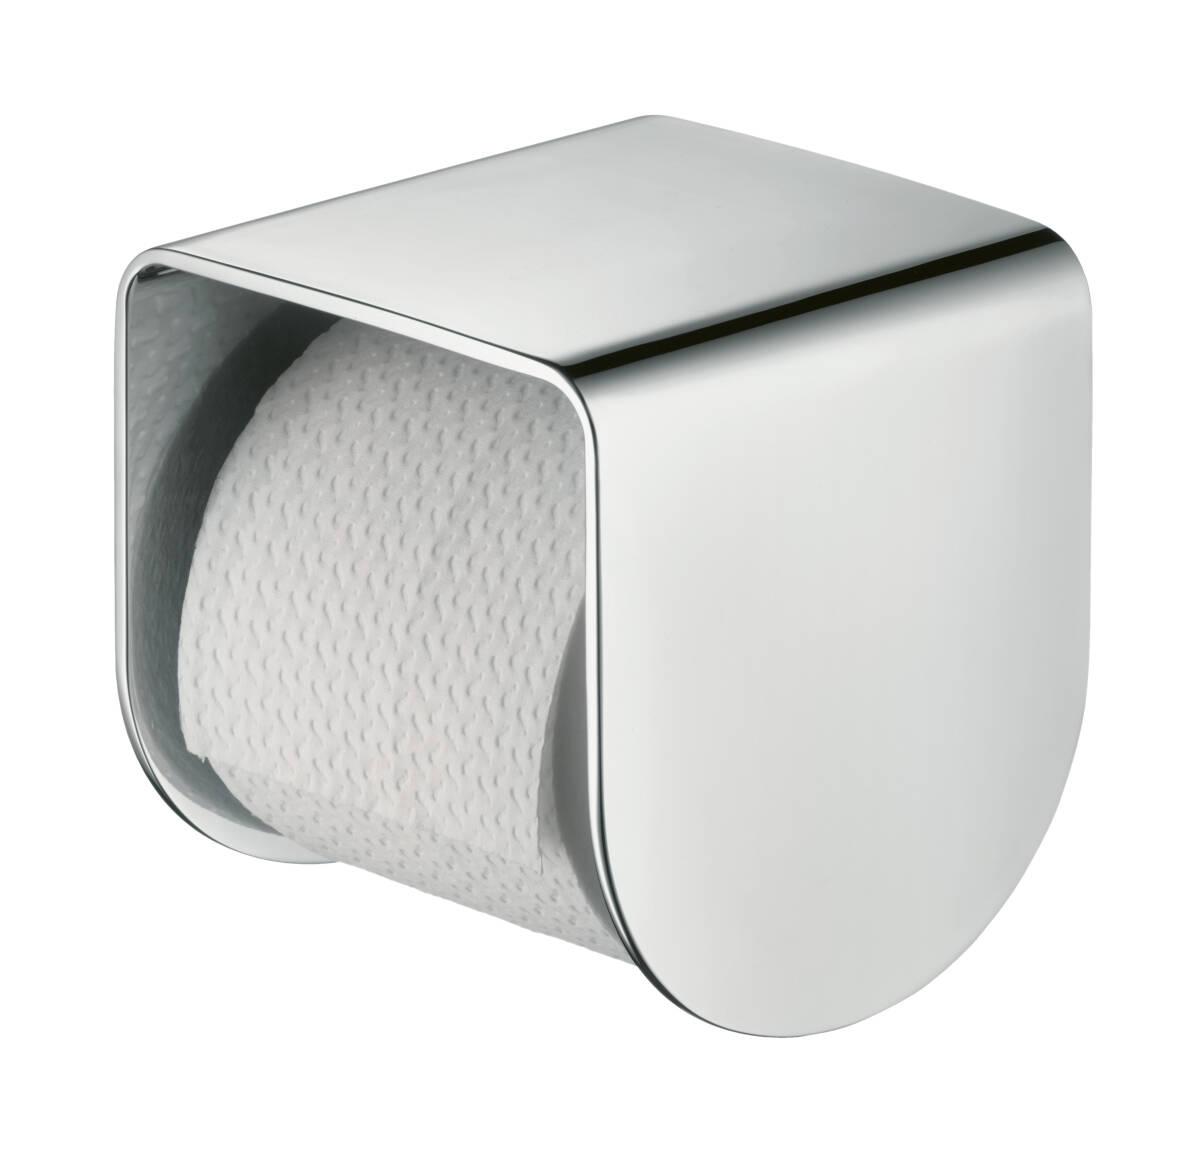 Roll holder, Polished Bronze, 42436130